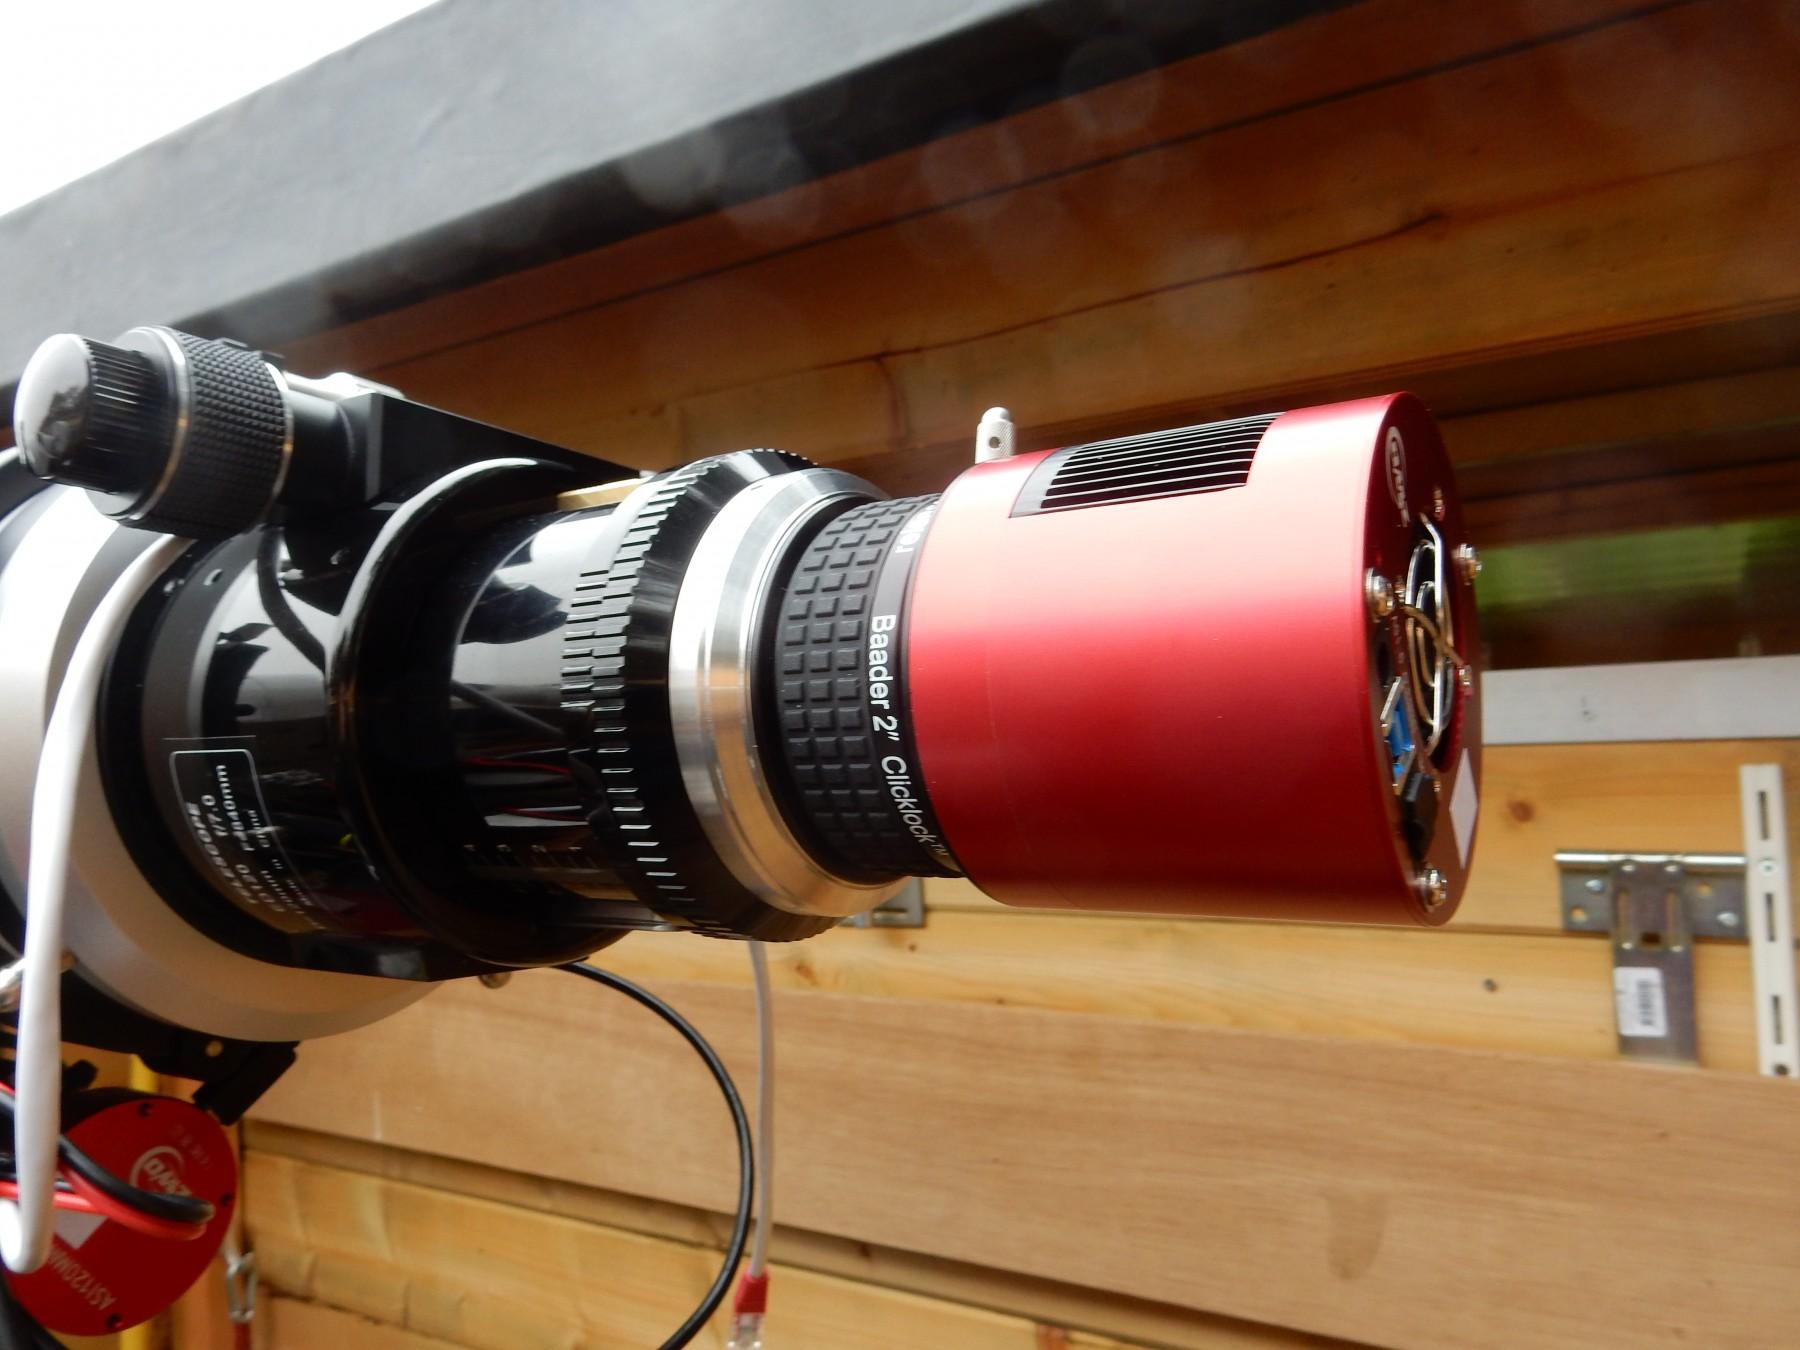 Erste Anwendungsbilder des - noch uneloxierten - M74i / M68i Adapter-Prototyps